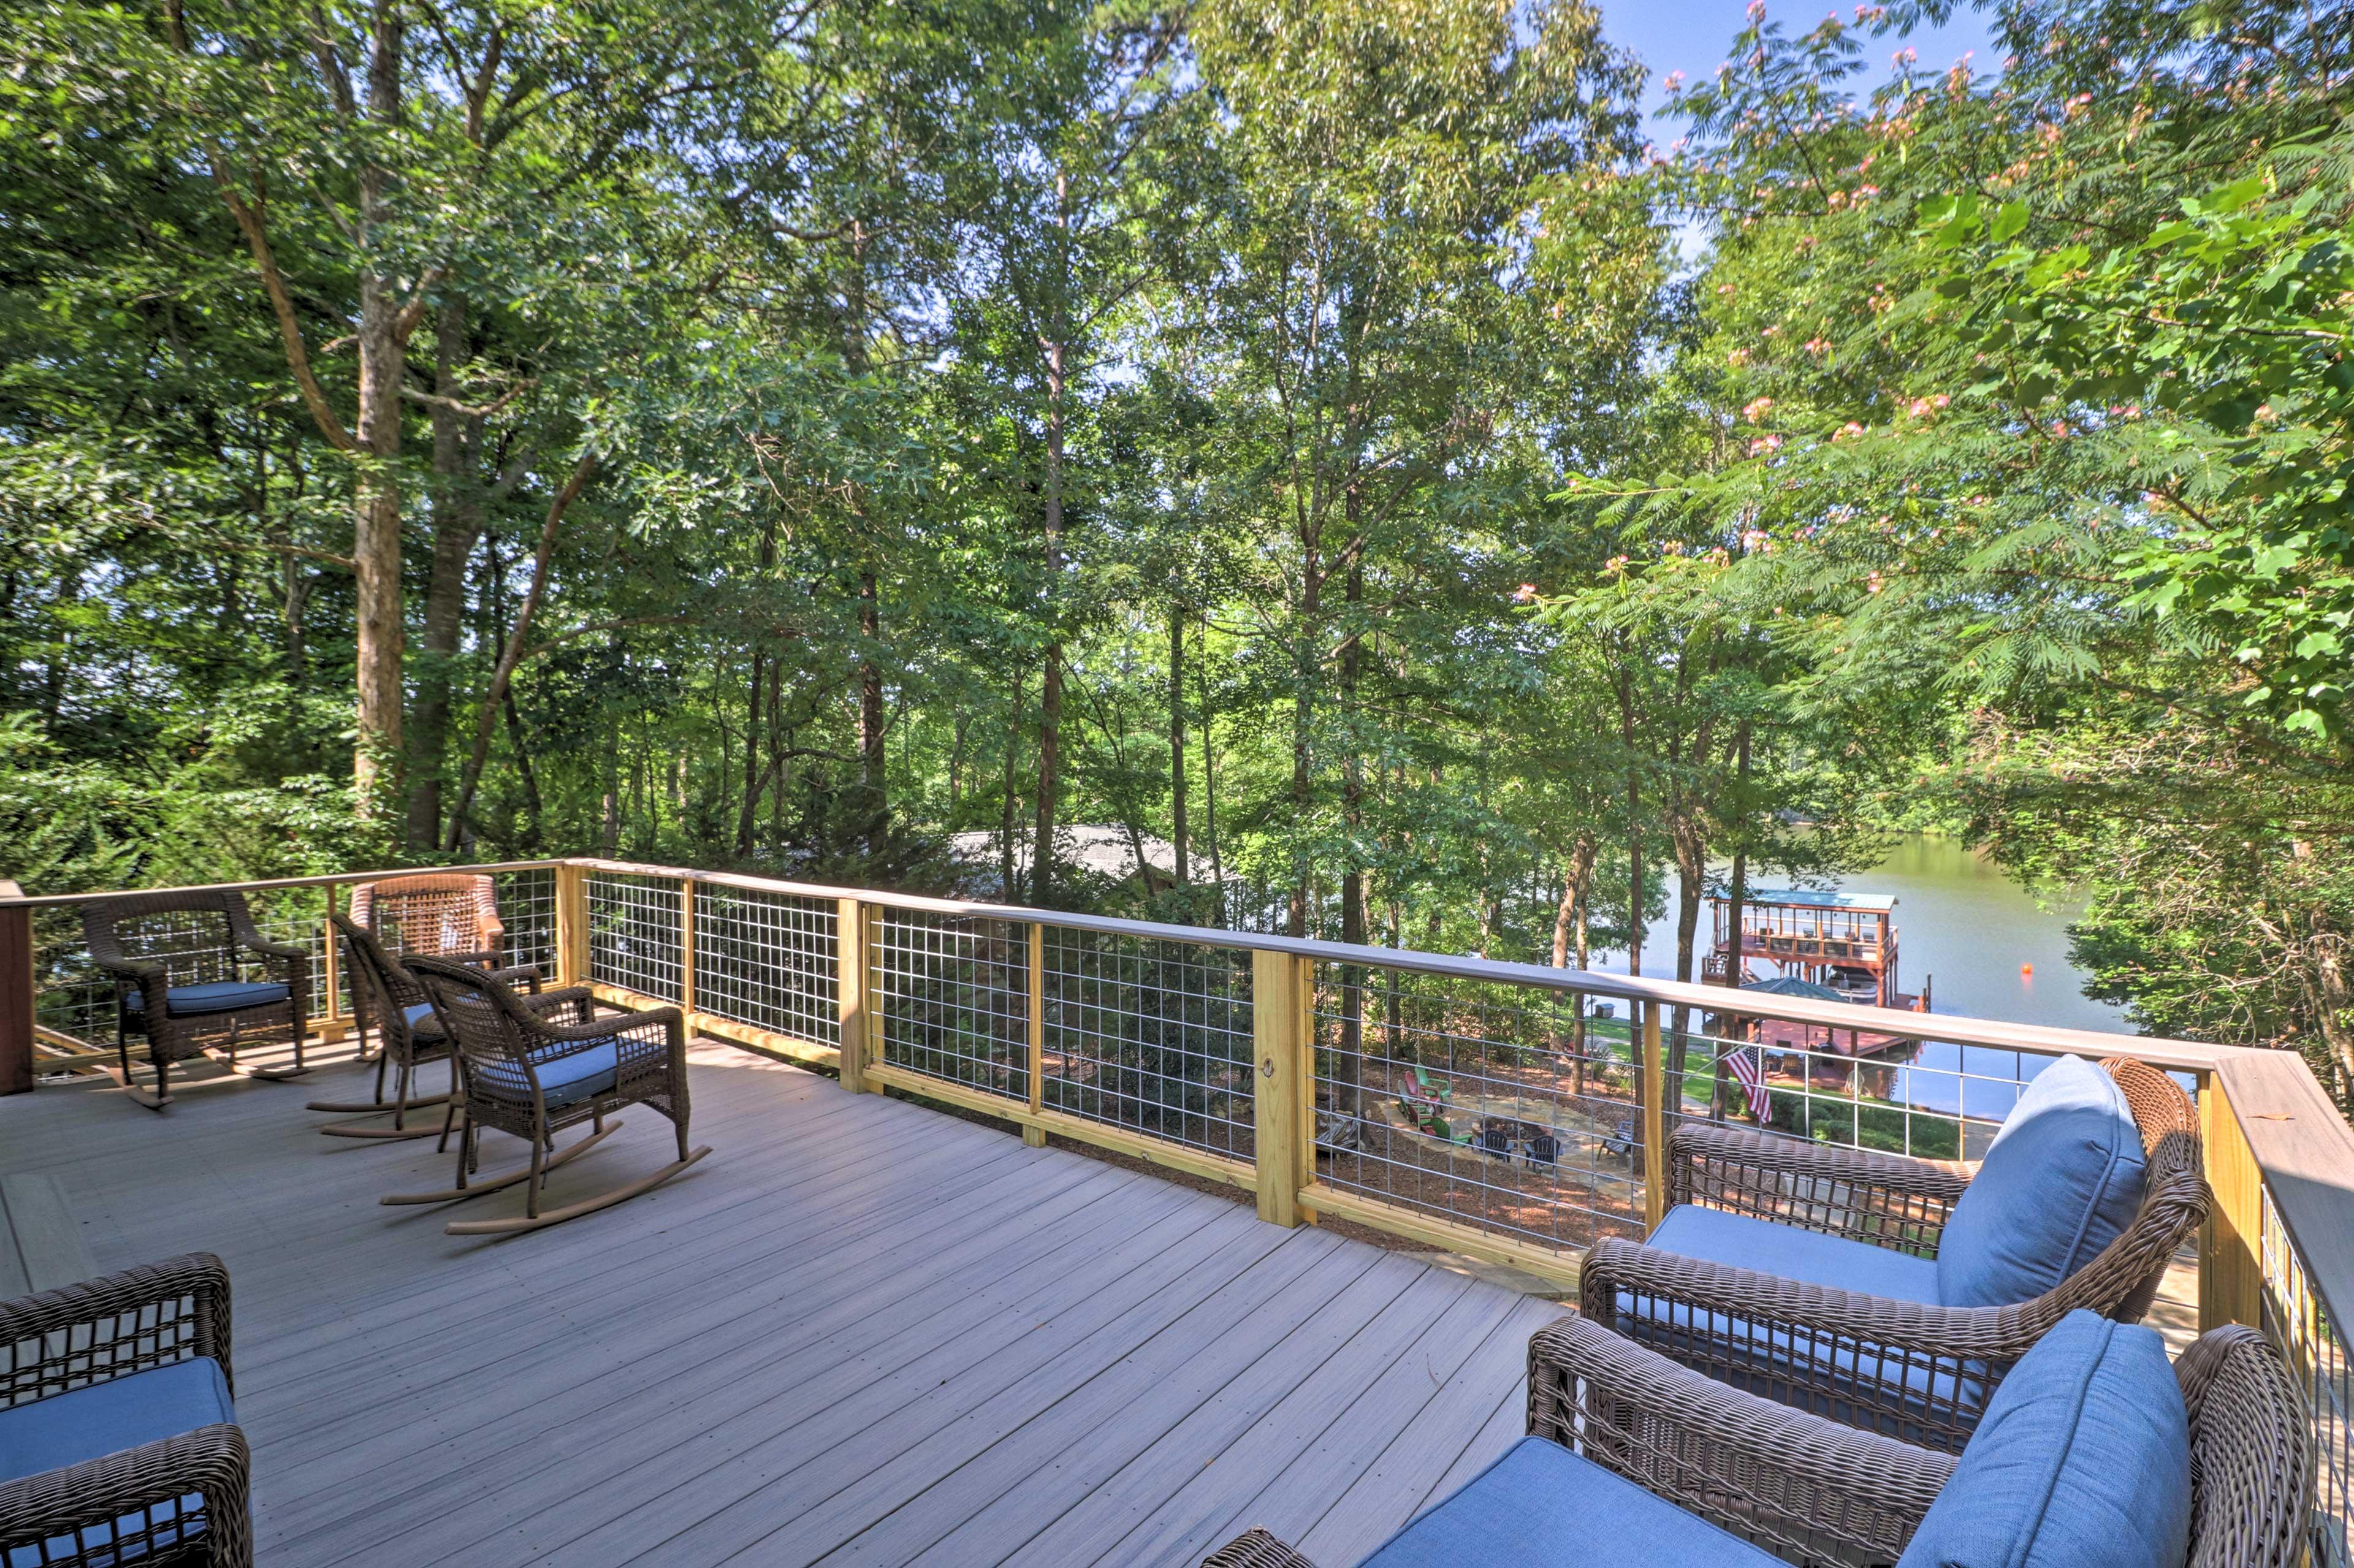 Deck | Gas Grill | Lake Views